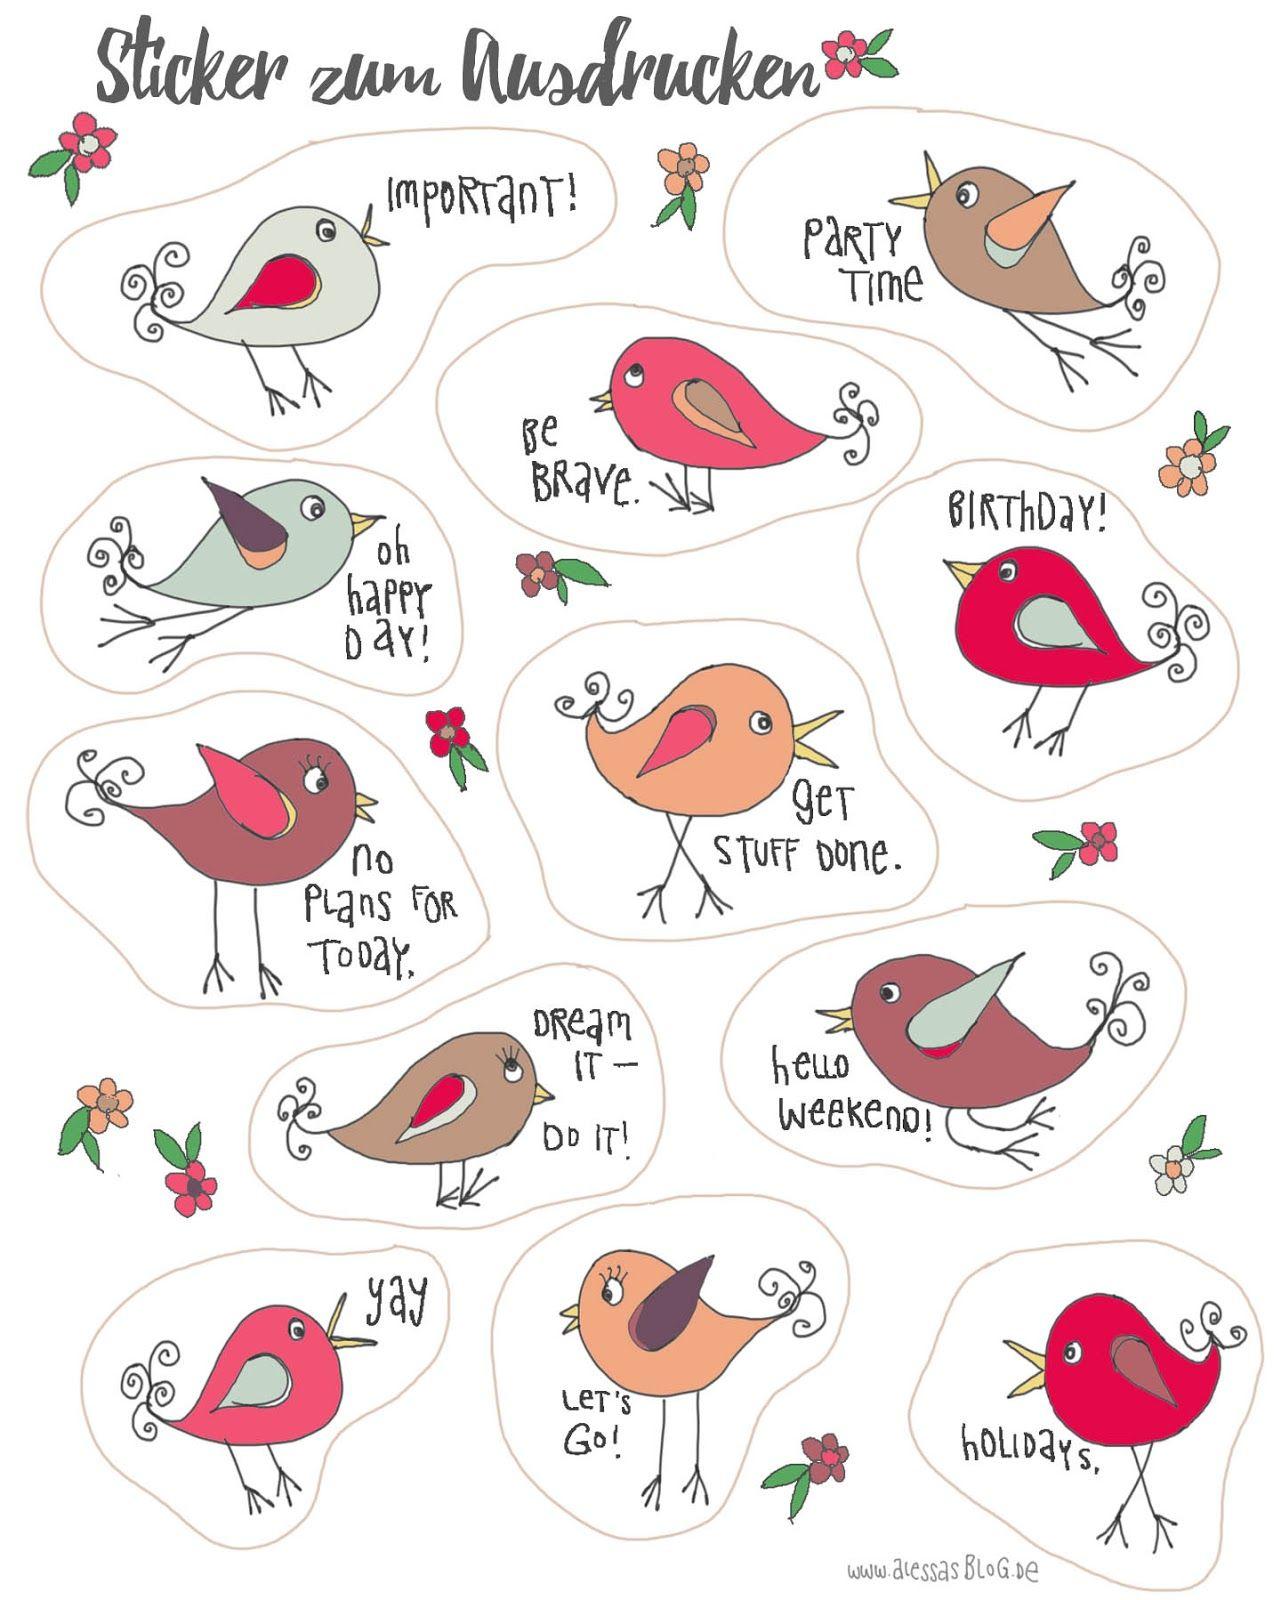 Alessas Blog: Sticker zum Ausdrucken für Filofax, Kalender, Planer